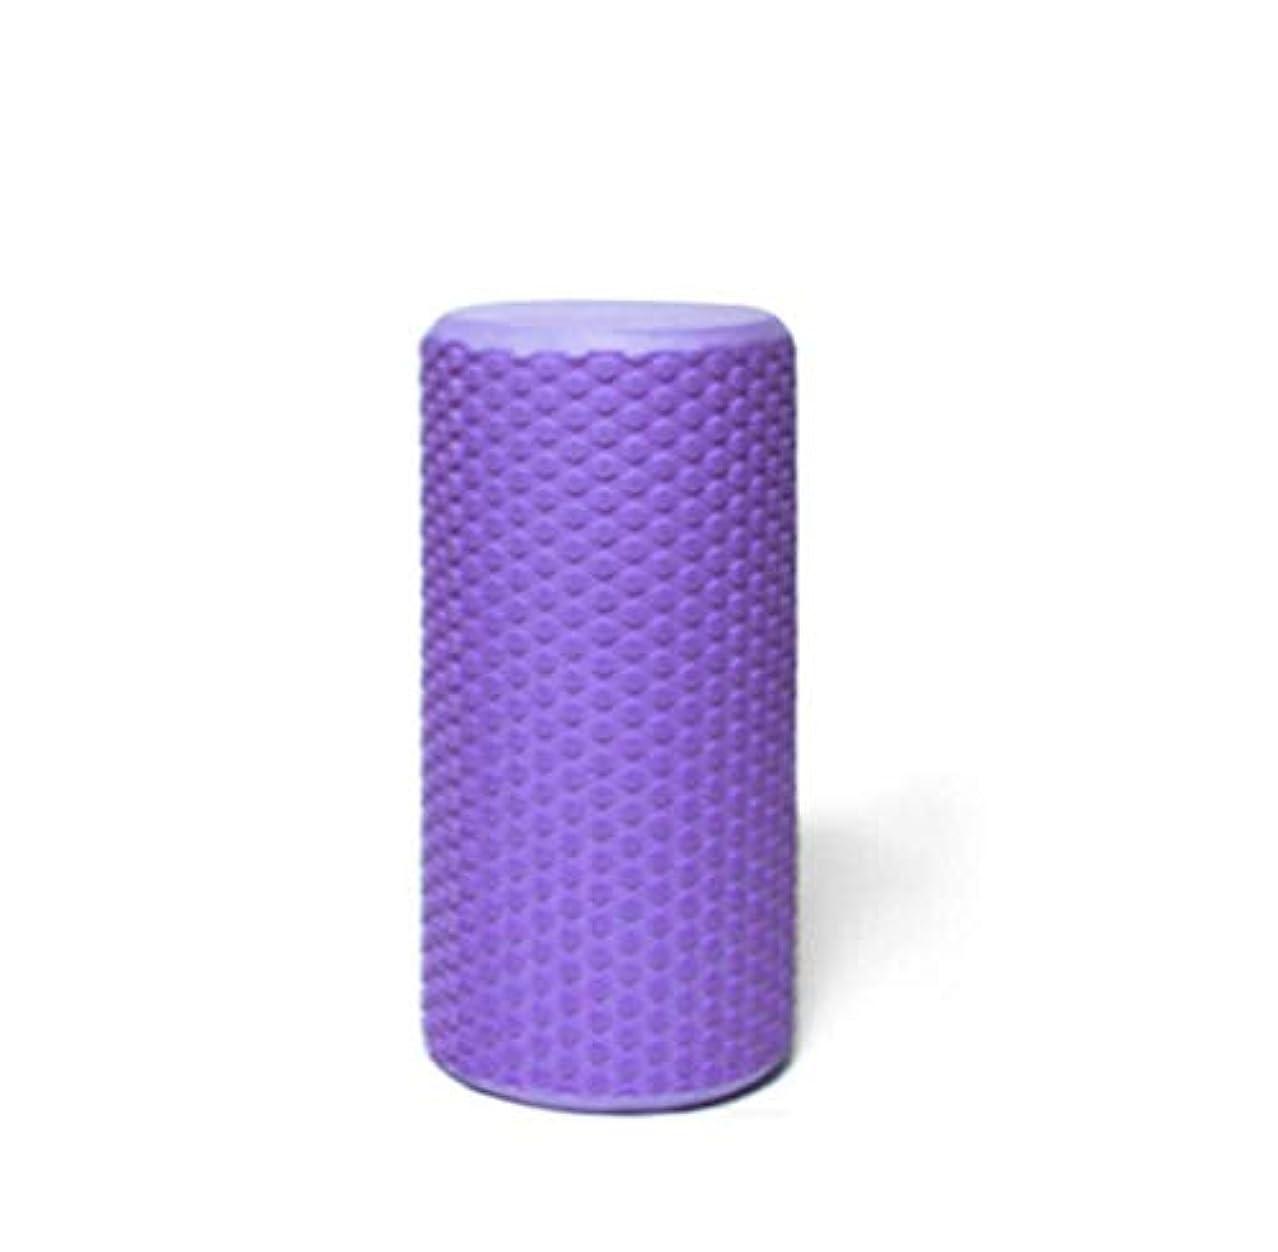 ネブ花瓶ランチョンフォームローラー-ディープティッシュマッスルマッサージトリガーポイント用のしっかりした高密度マッスルローラー,Purple-30x15cm